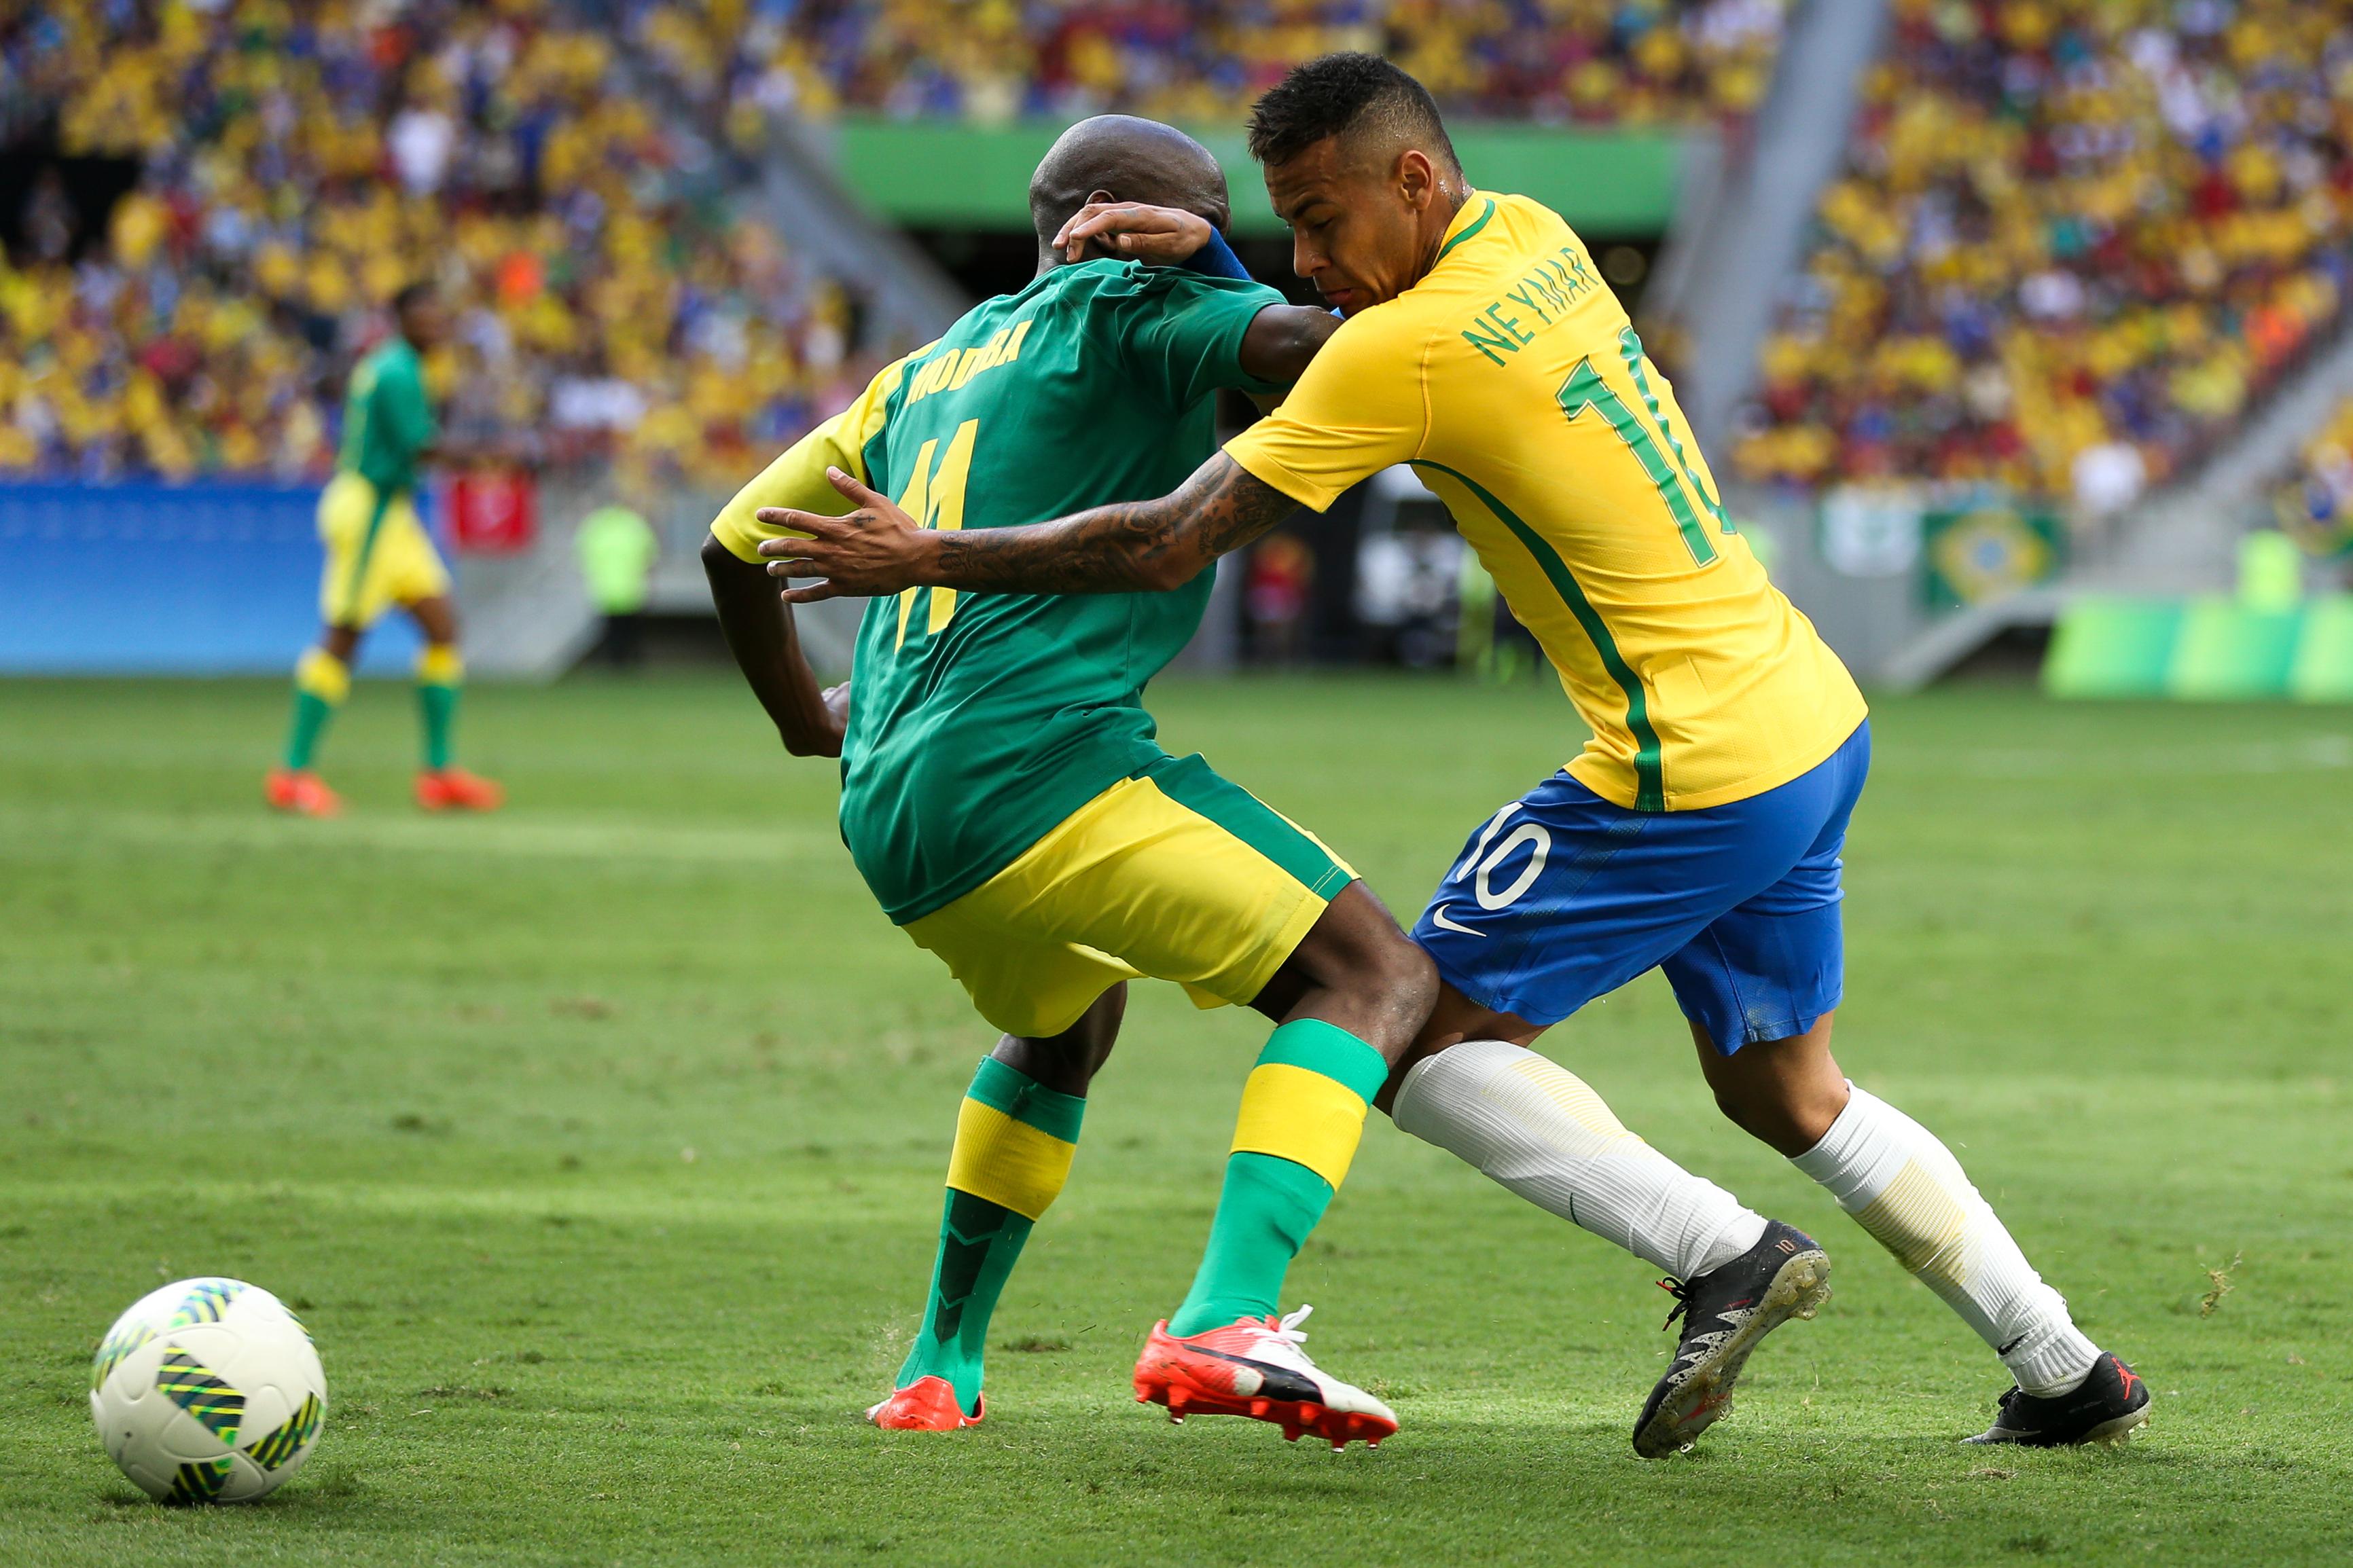 dbc608e161 Brasília - Futebol masculino da seleção brasileira